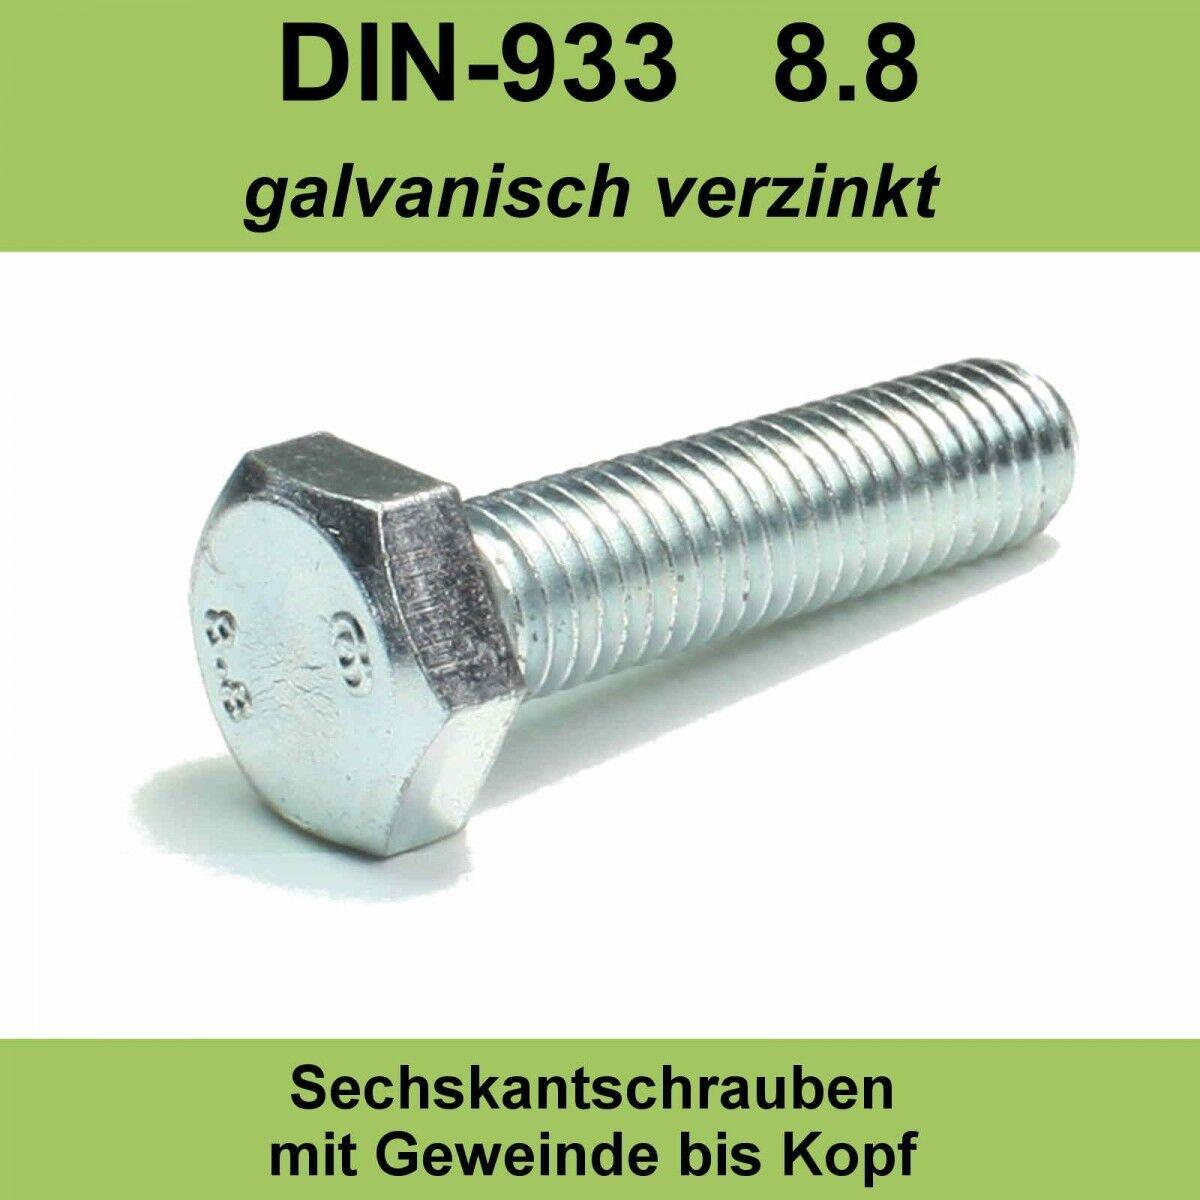 M8 DIN 933 8.8 Sechskant Schrauben verzinkte Maschinen Gewindeschrauben Voll M8x